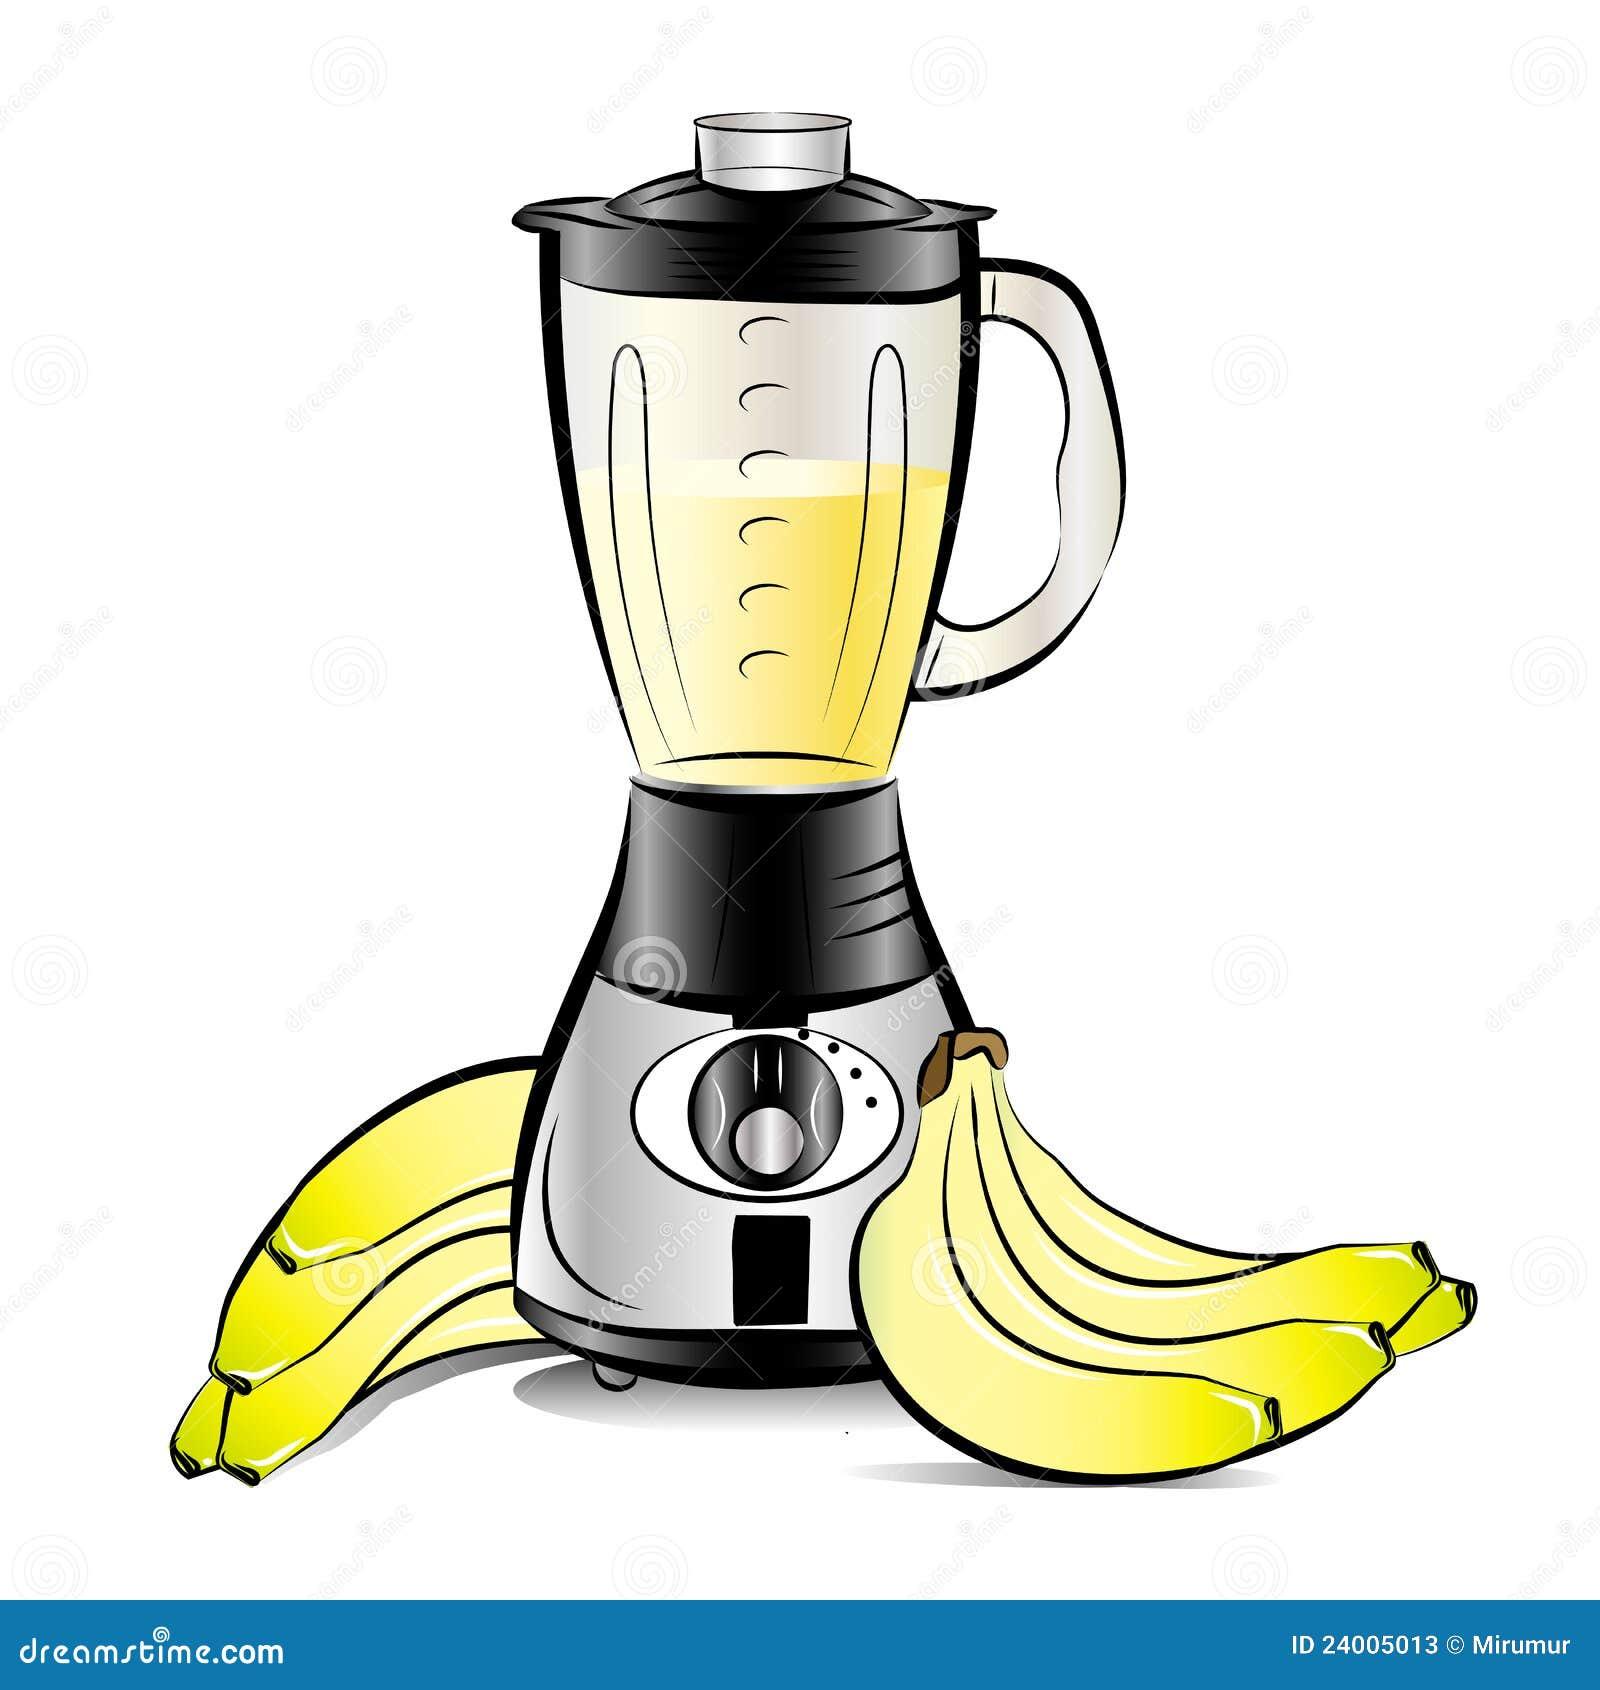 #BDBA0E Misturador Da Cozinha Da Cor De Desenho Com Suco Das Bananas Fotos de  1300x1390 px Nova Cozinha Desenhos Imagens_617 Imagens